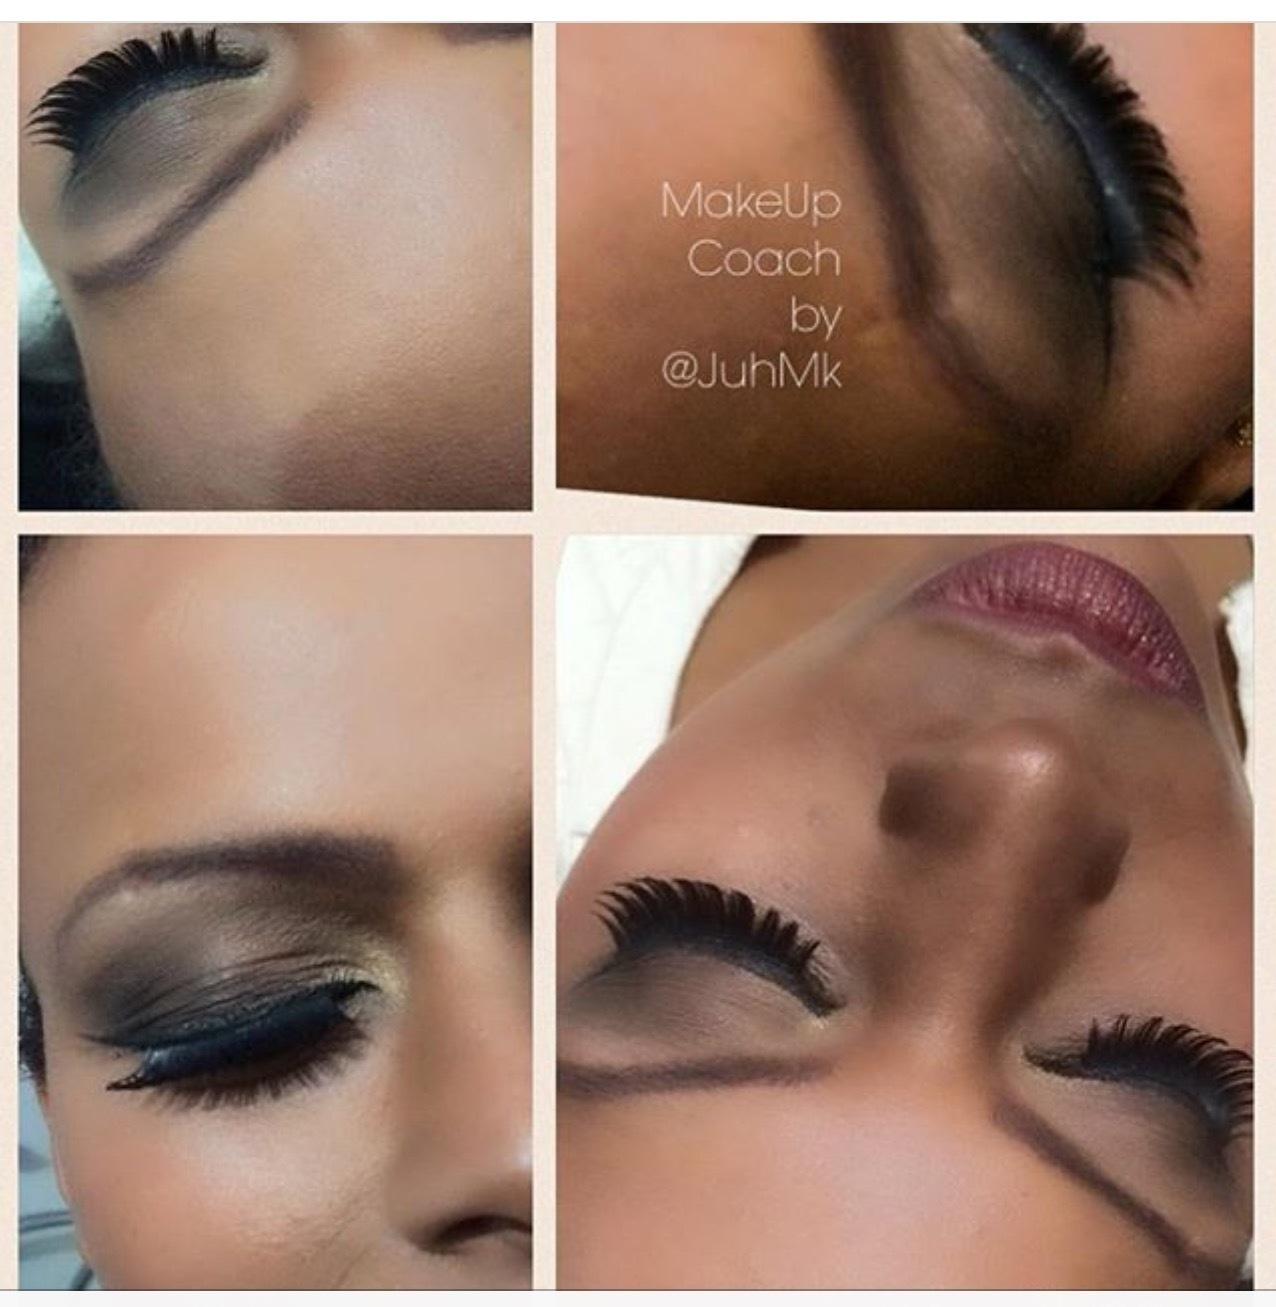 estética maquiador(a) consultor(a) cosmetólogo(a)